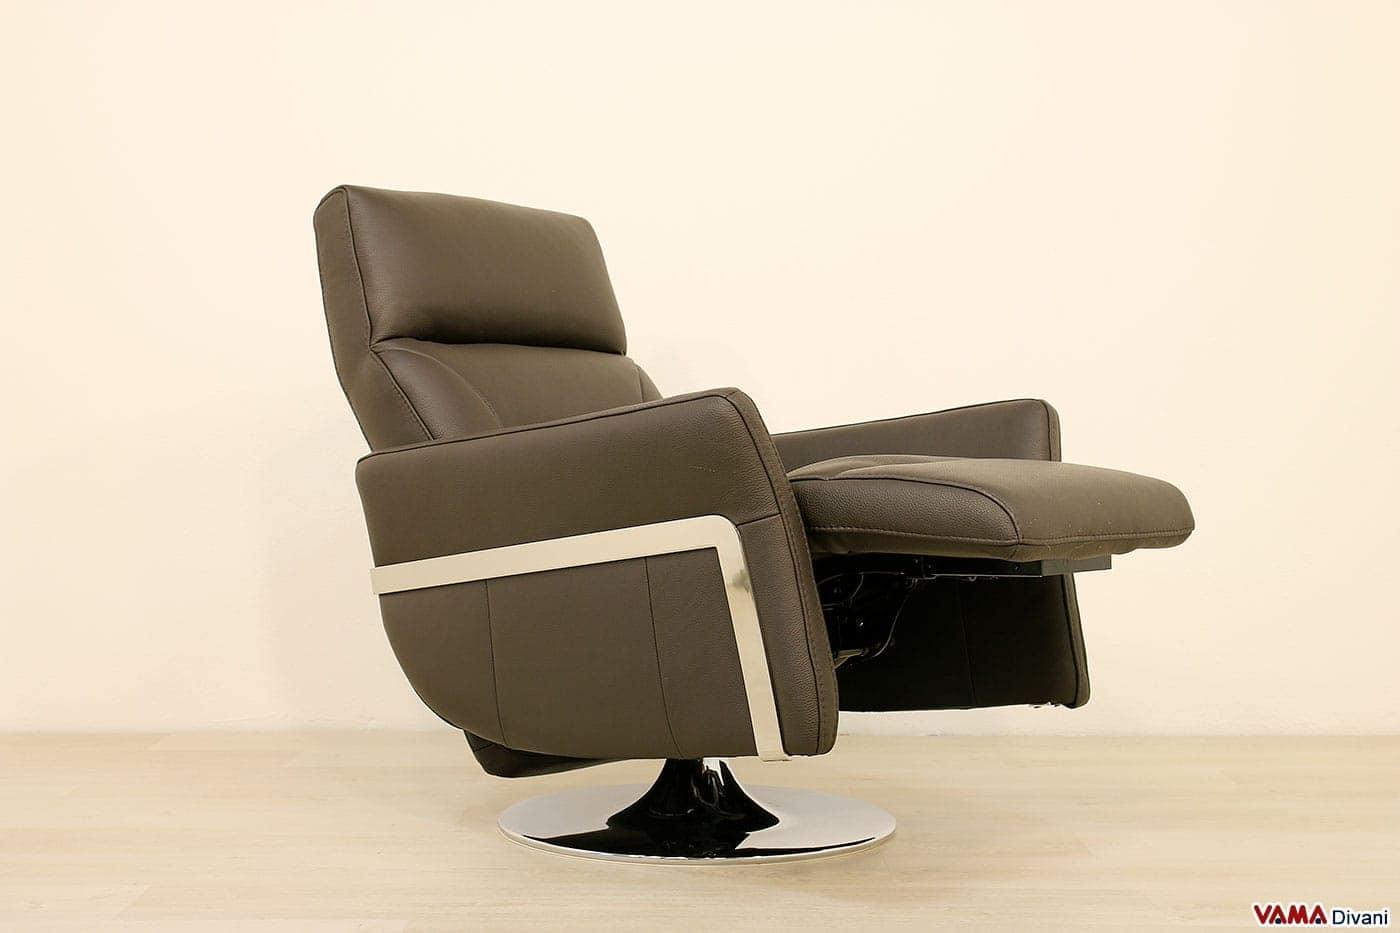 Poltrona moderna relax manuale in pelle marrone cioccolato